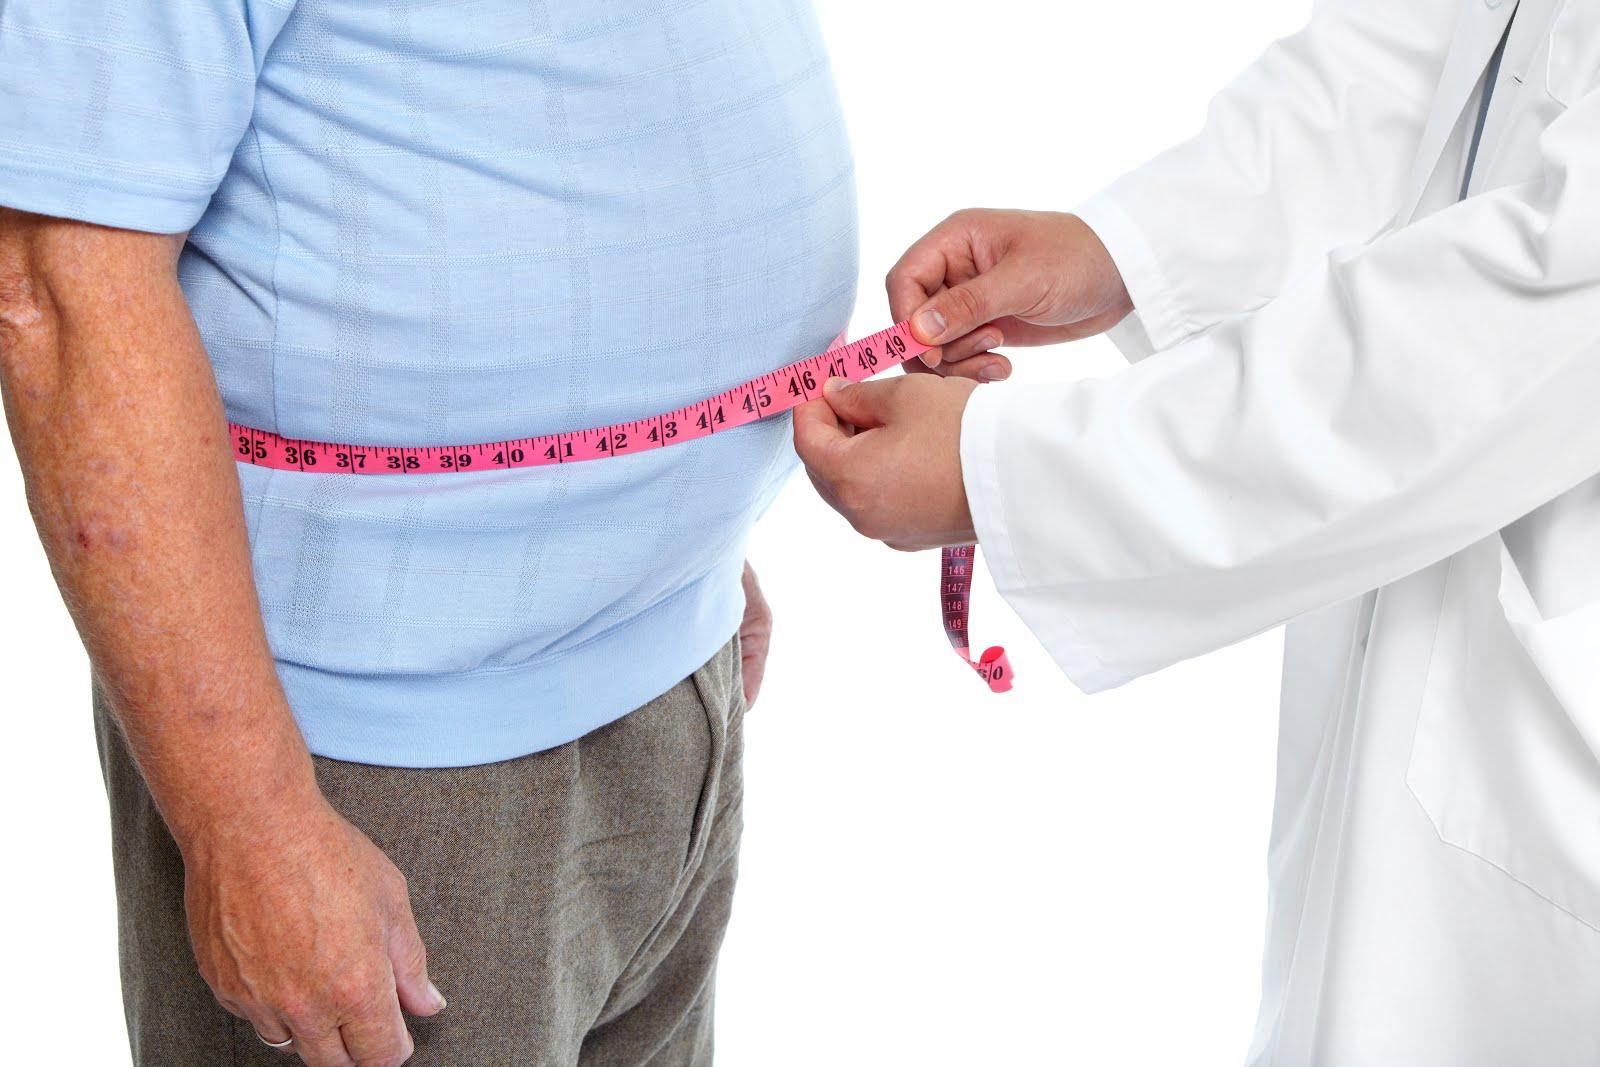 Şişmanlık kansere neden oluyor